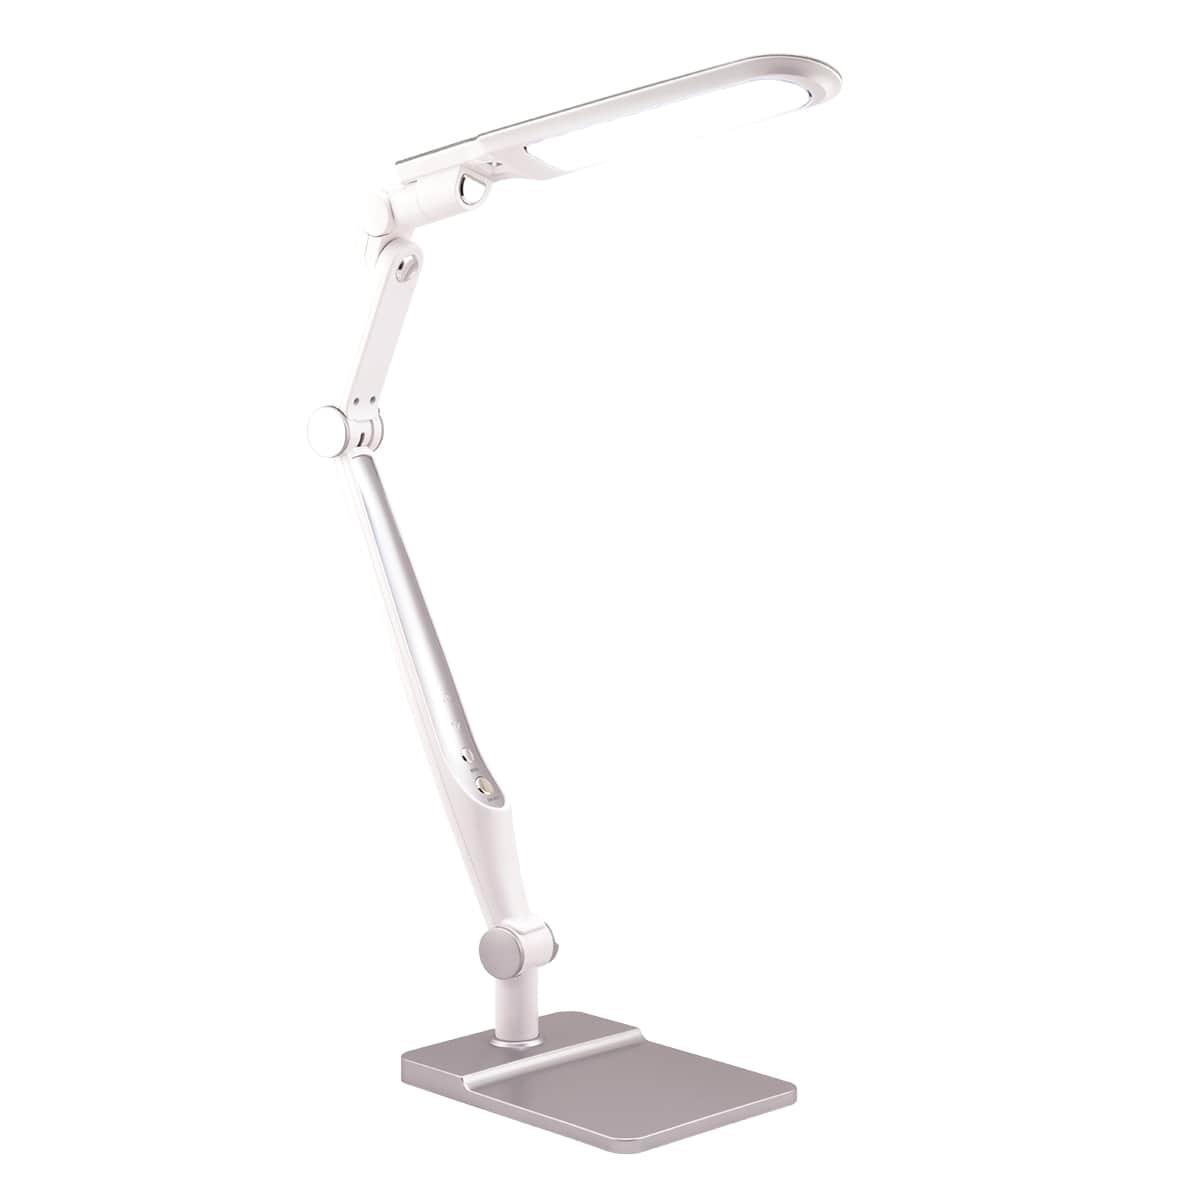 Настольный светильник Artstyle TL-402S, серебристый artstyle tl 315w